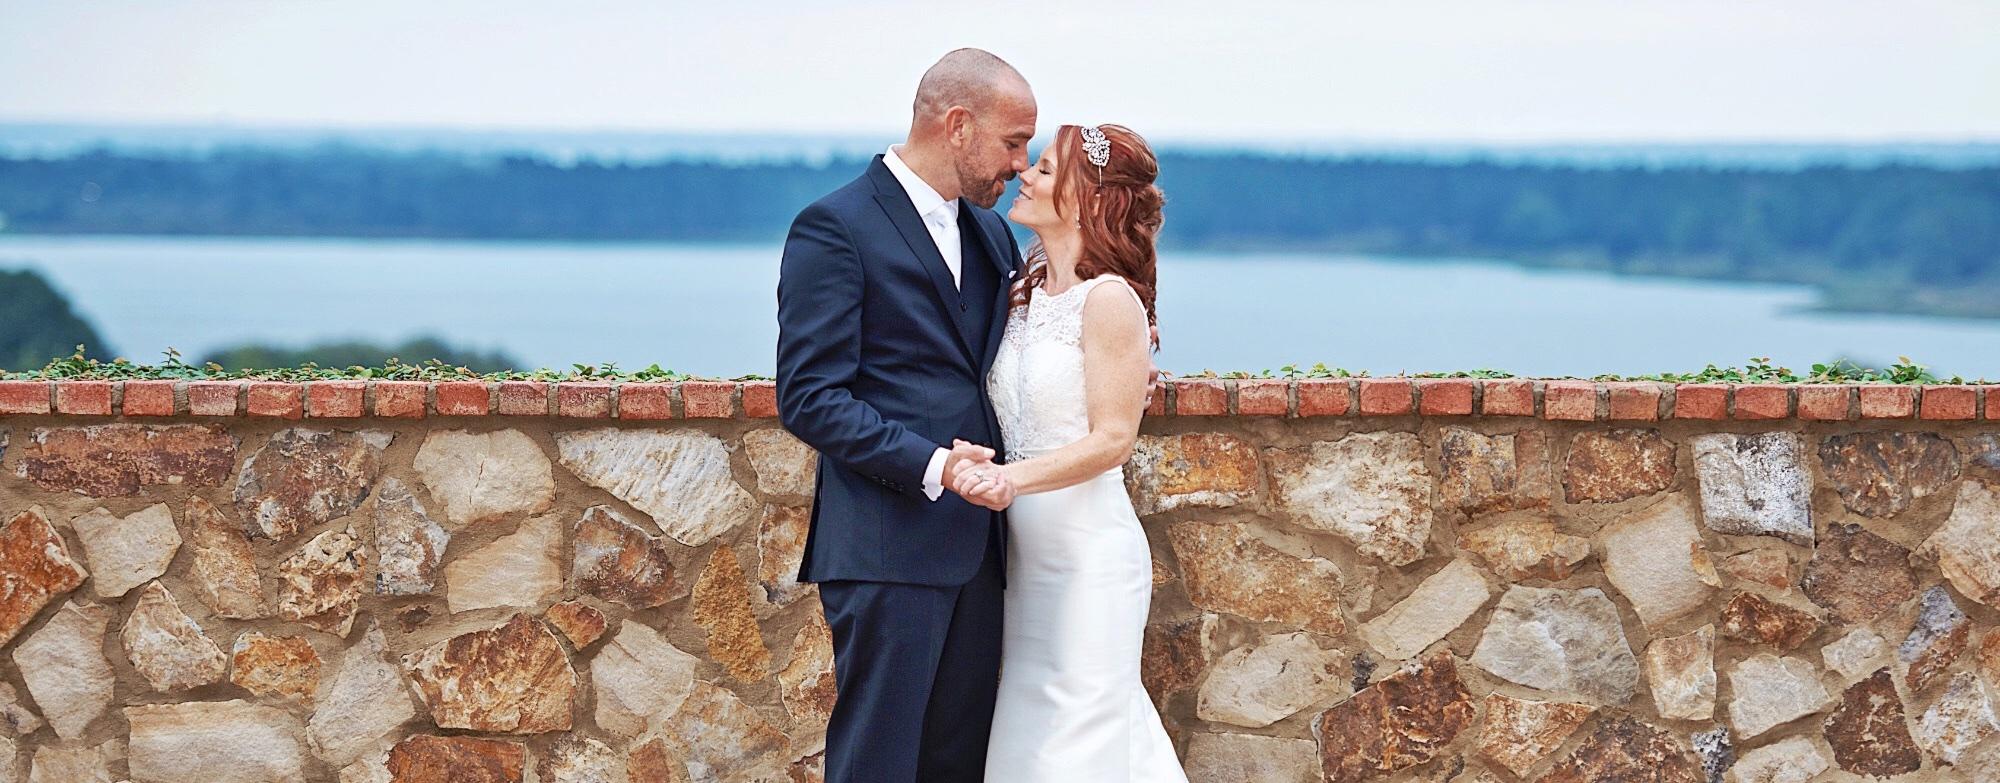 wedding slider 004